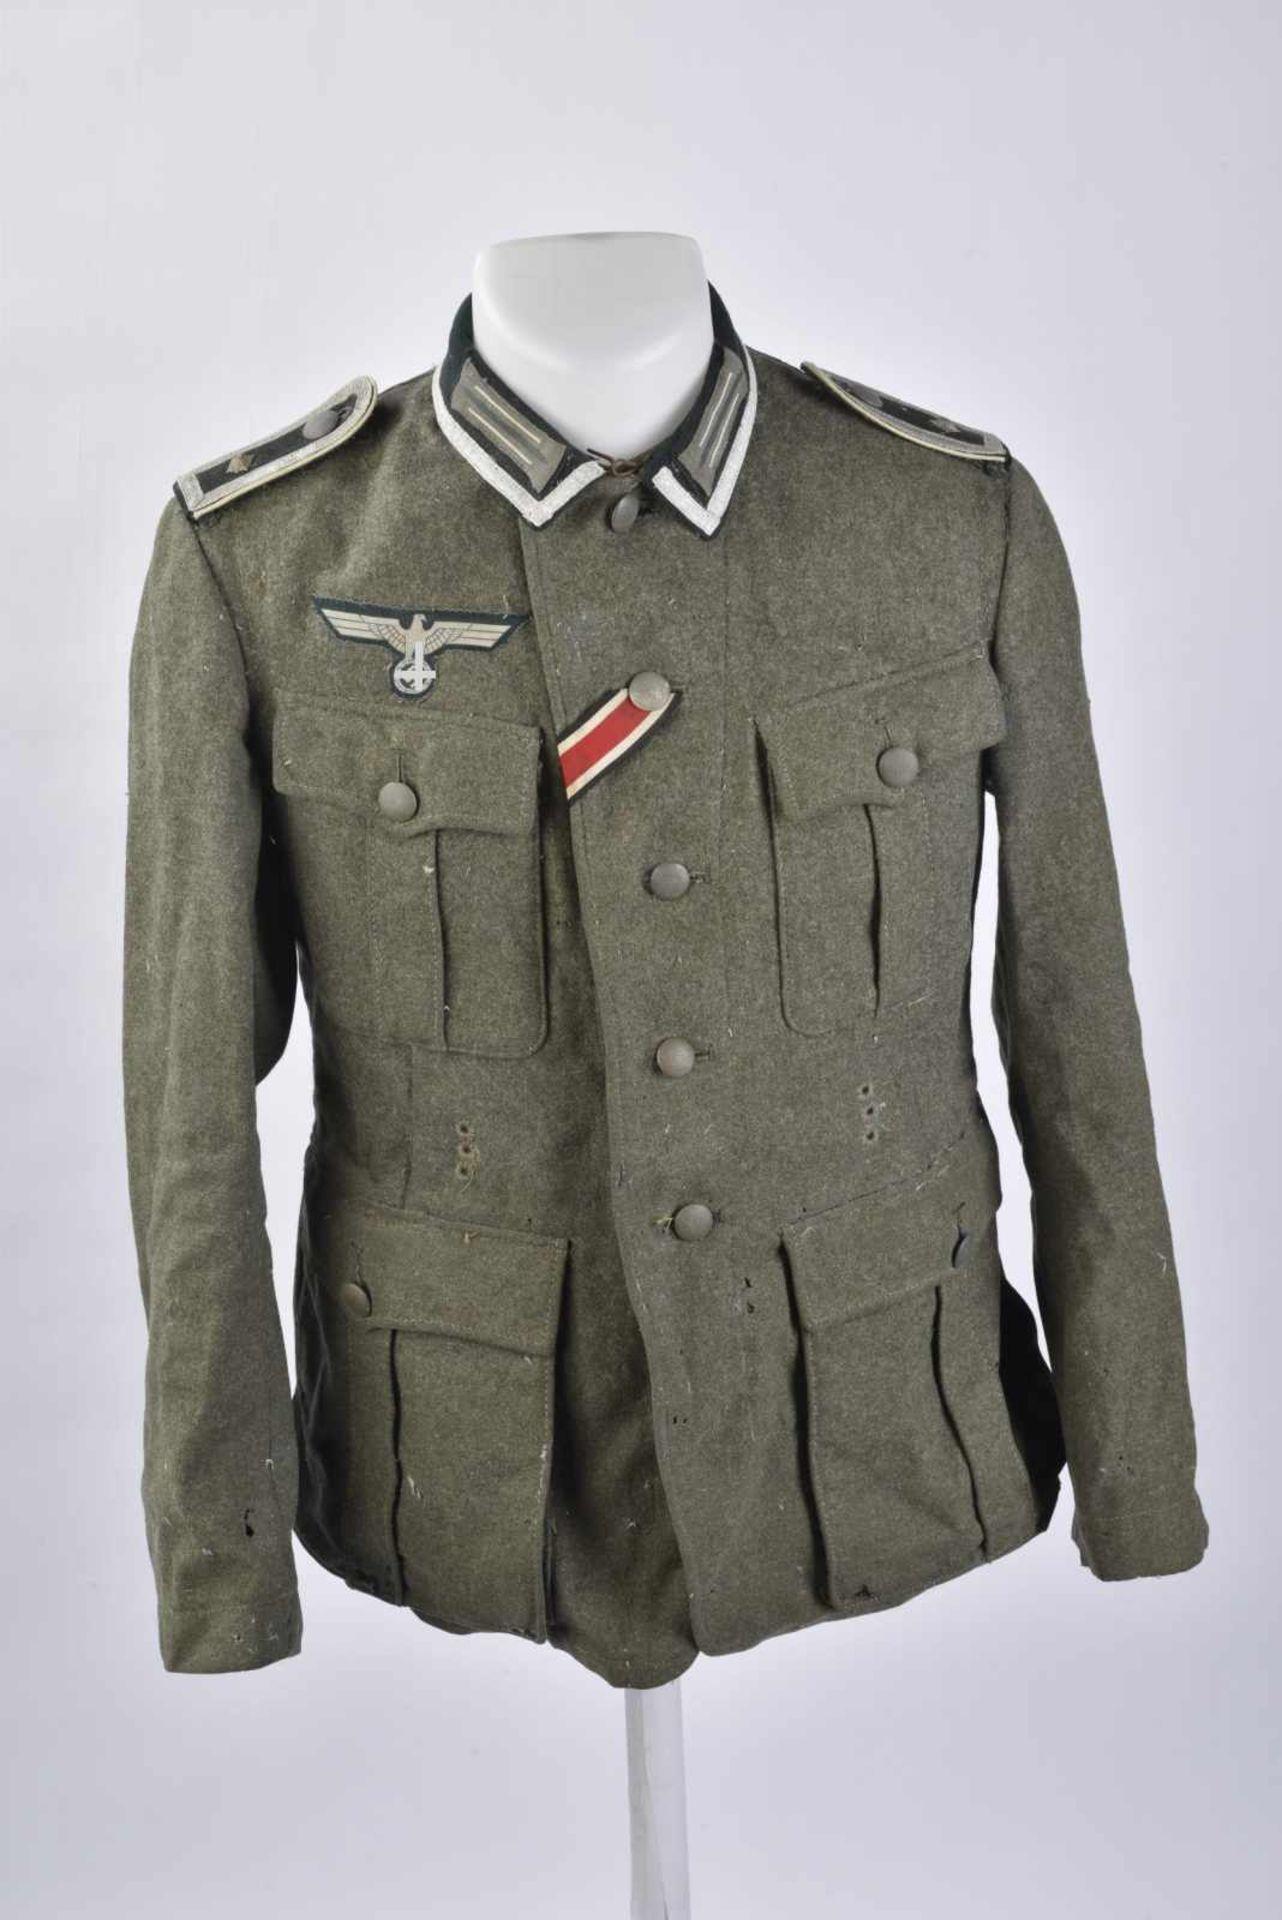 Vareuse de Feldwebel d'infanterie modèle 36 en tissu laineux Feldgrau, tous les boutons sont